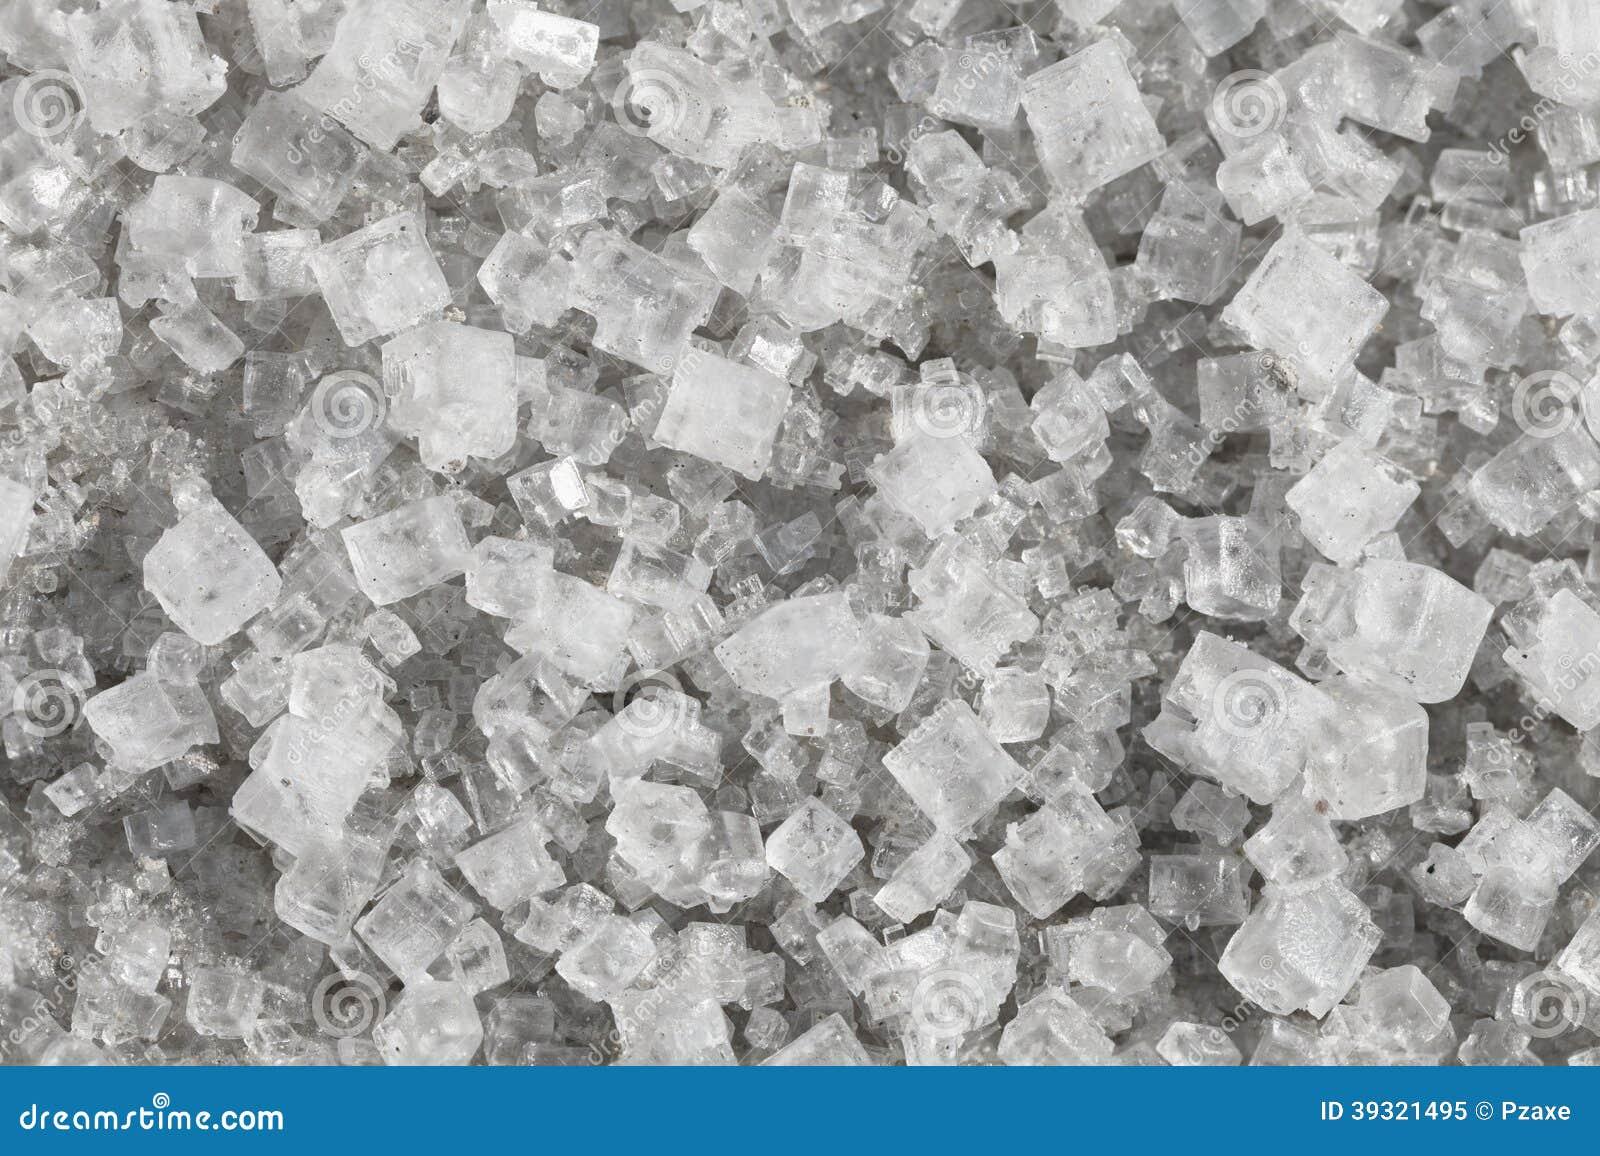 Grandes cristais do cloreto de sódio